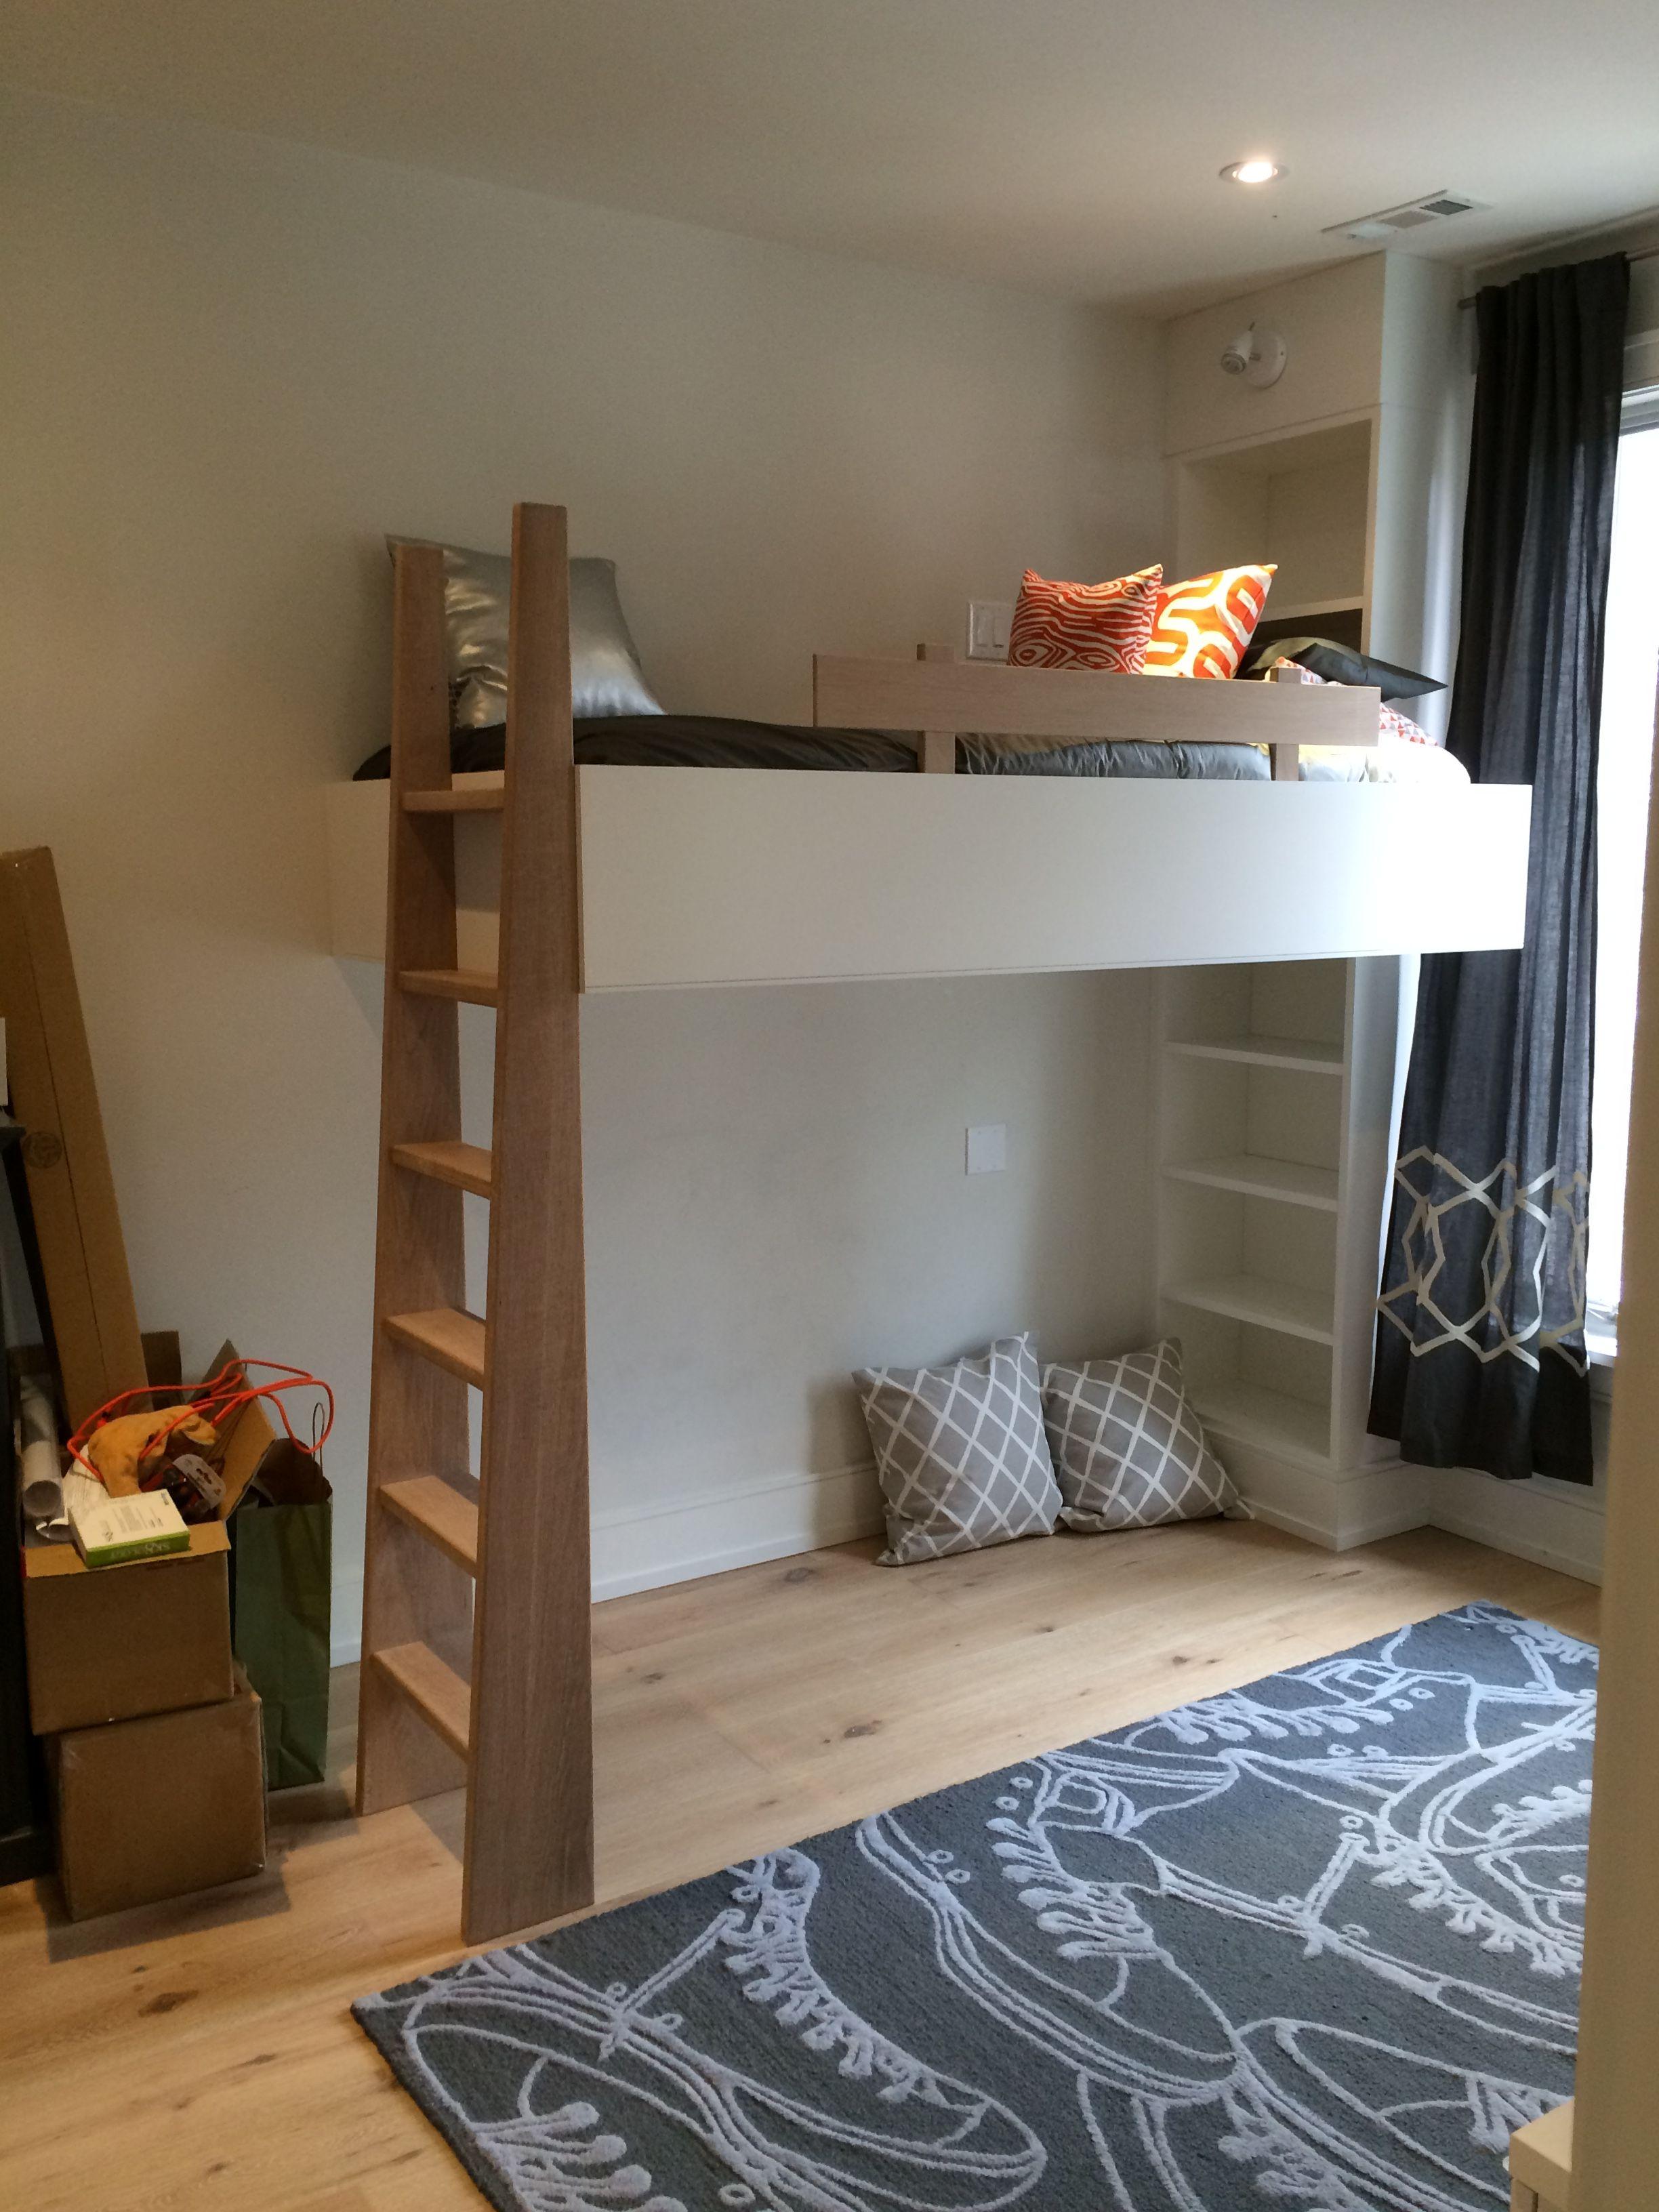 Suspended bed More Kids BedroomKids RoomsLoft